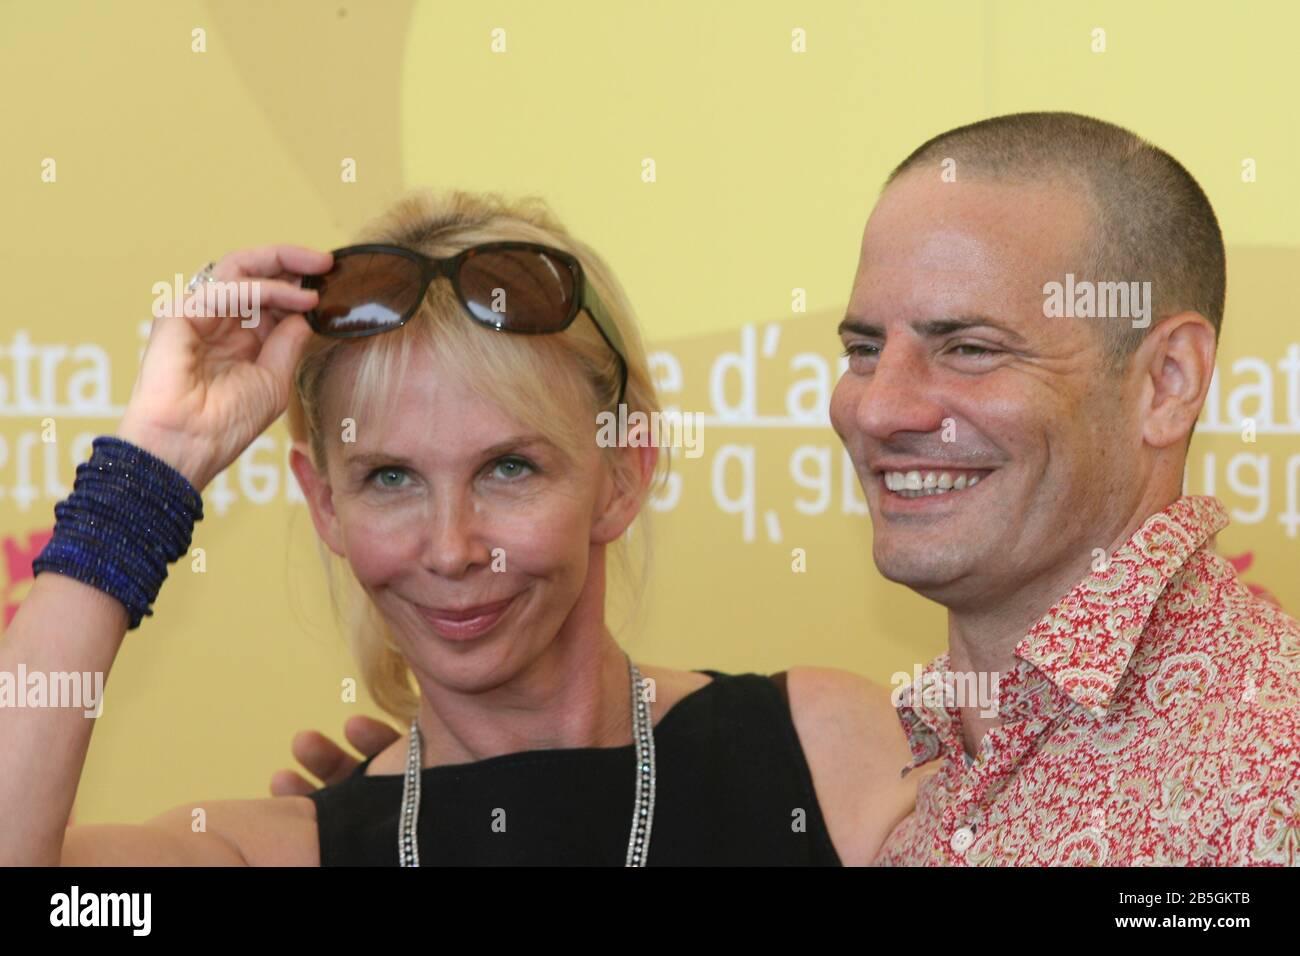 """Venise, 03/09/2006. 63ème Festival Du Film De Venise. Trudie Styler et Dito Montiel assistent à la photo pour le film """"un guide pour Reconnaître vos Saints"""" Banque D'Images"""